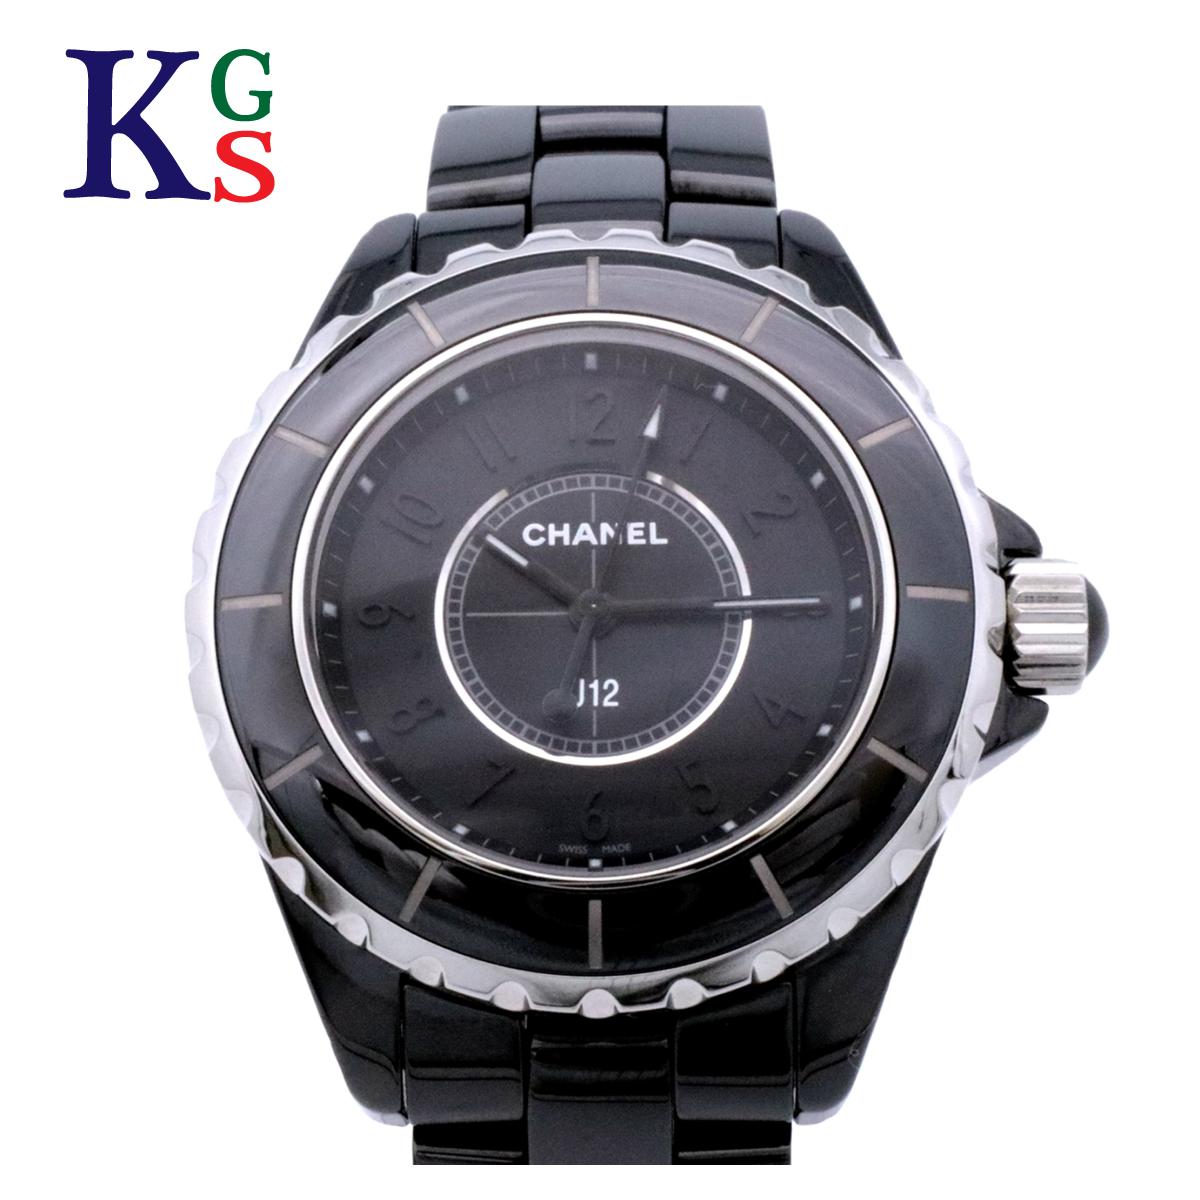 【新品】シャネル/CHANEL レディース J12 腕時計 インテンスブラック ワンショットモデル クオーツ セラミック H3828